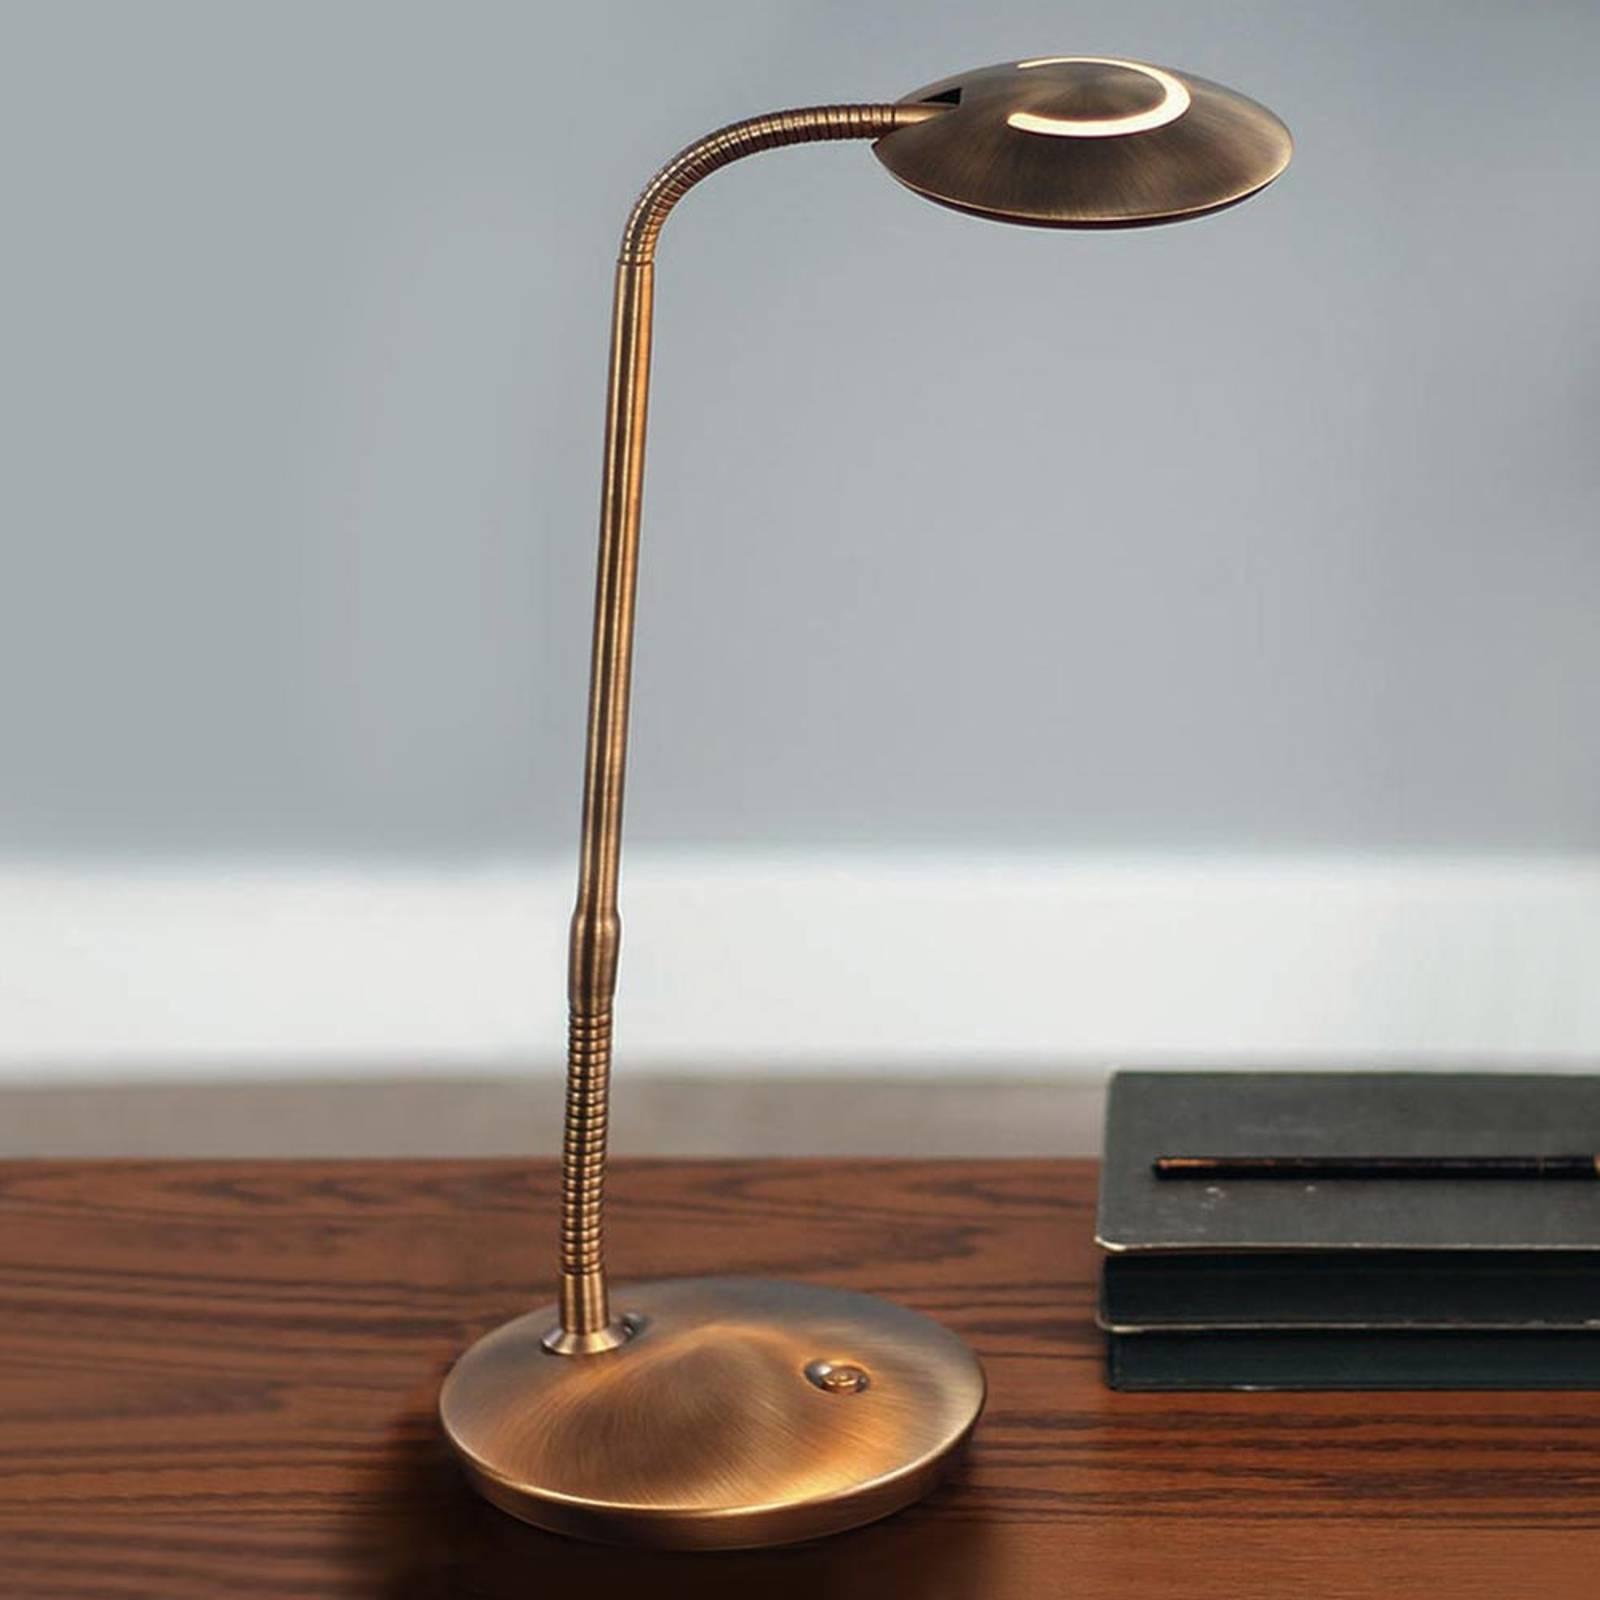 nachttischlampen und andere lampen von steinhauer bv online kaufen bei m bel garten. Black Bedroom Furniture Sets. Home Design Ideas